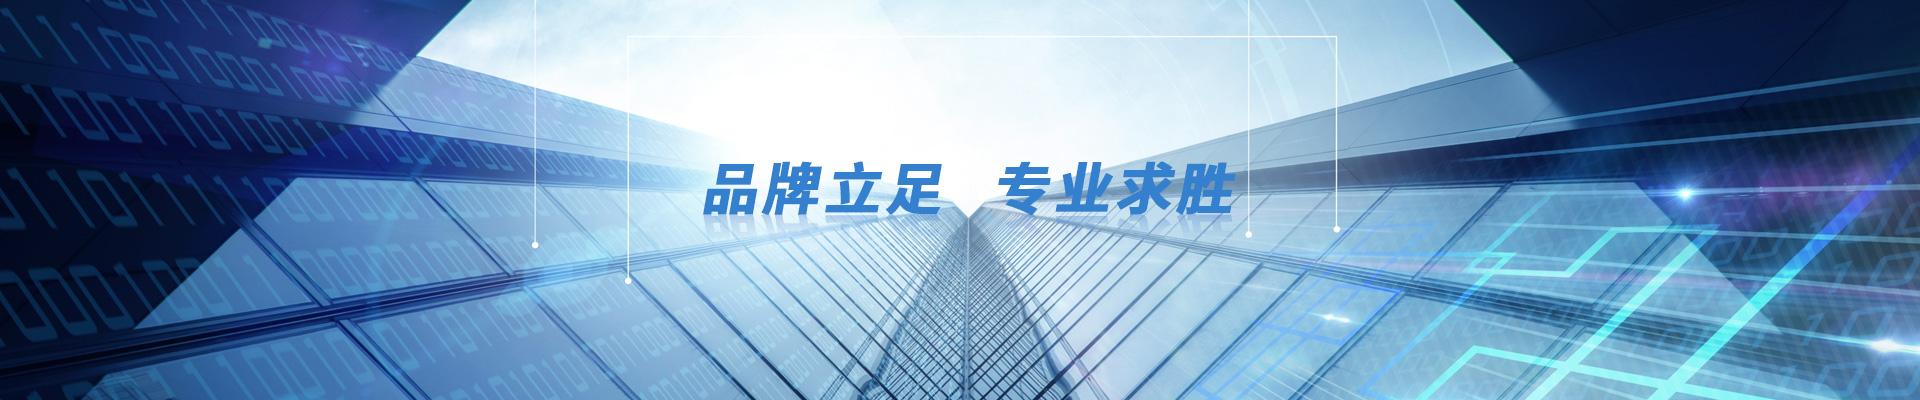 http://www.jinansifu.com/data/images/slide/20191106141930_777.jpg